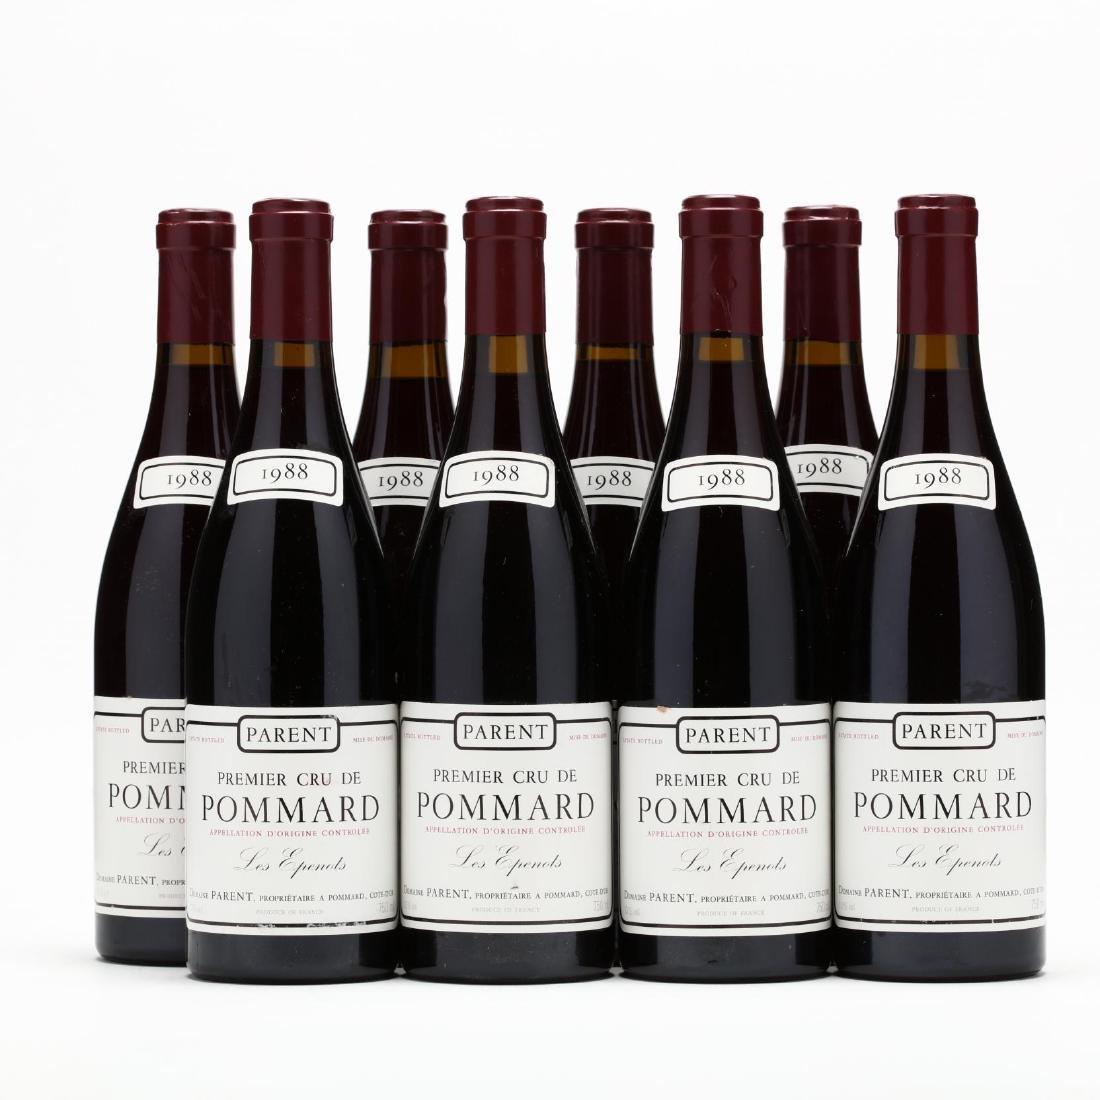 Pommard - Vintage 1988